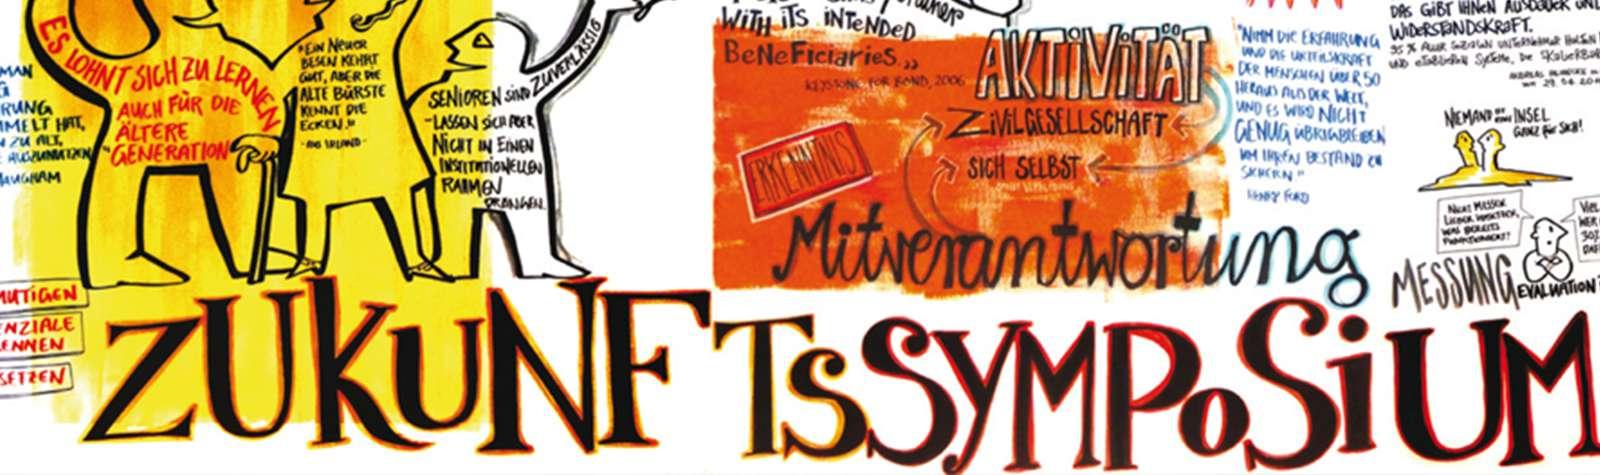 symposium2